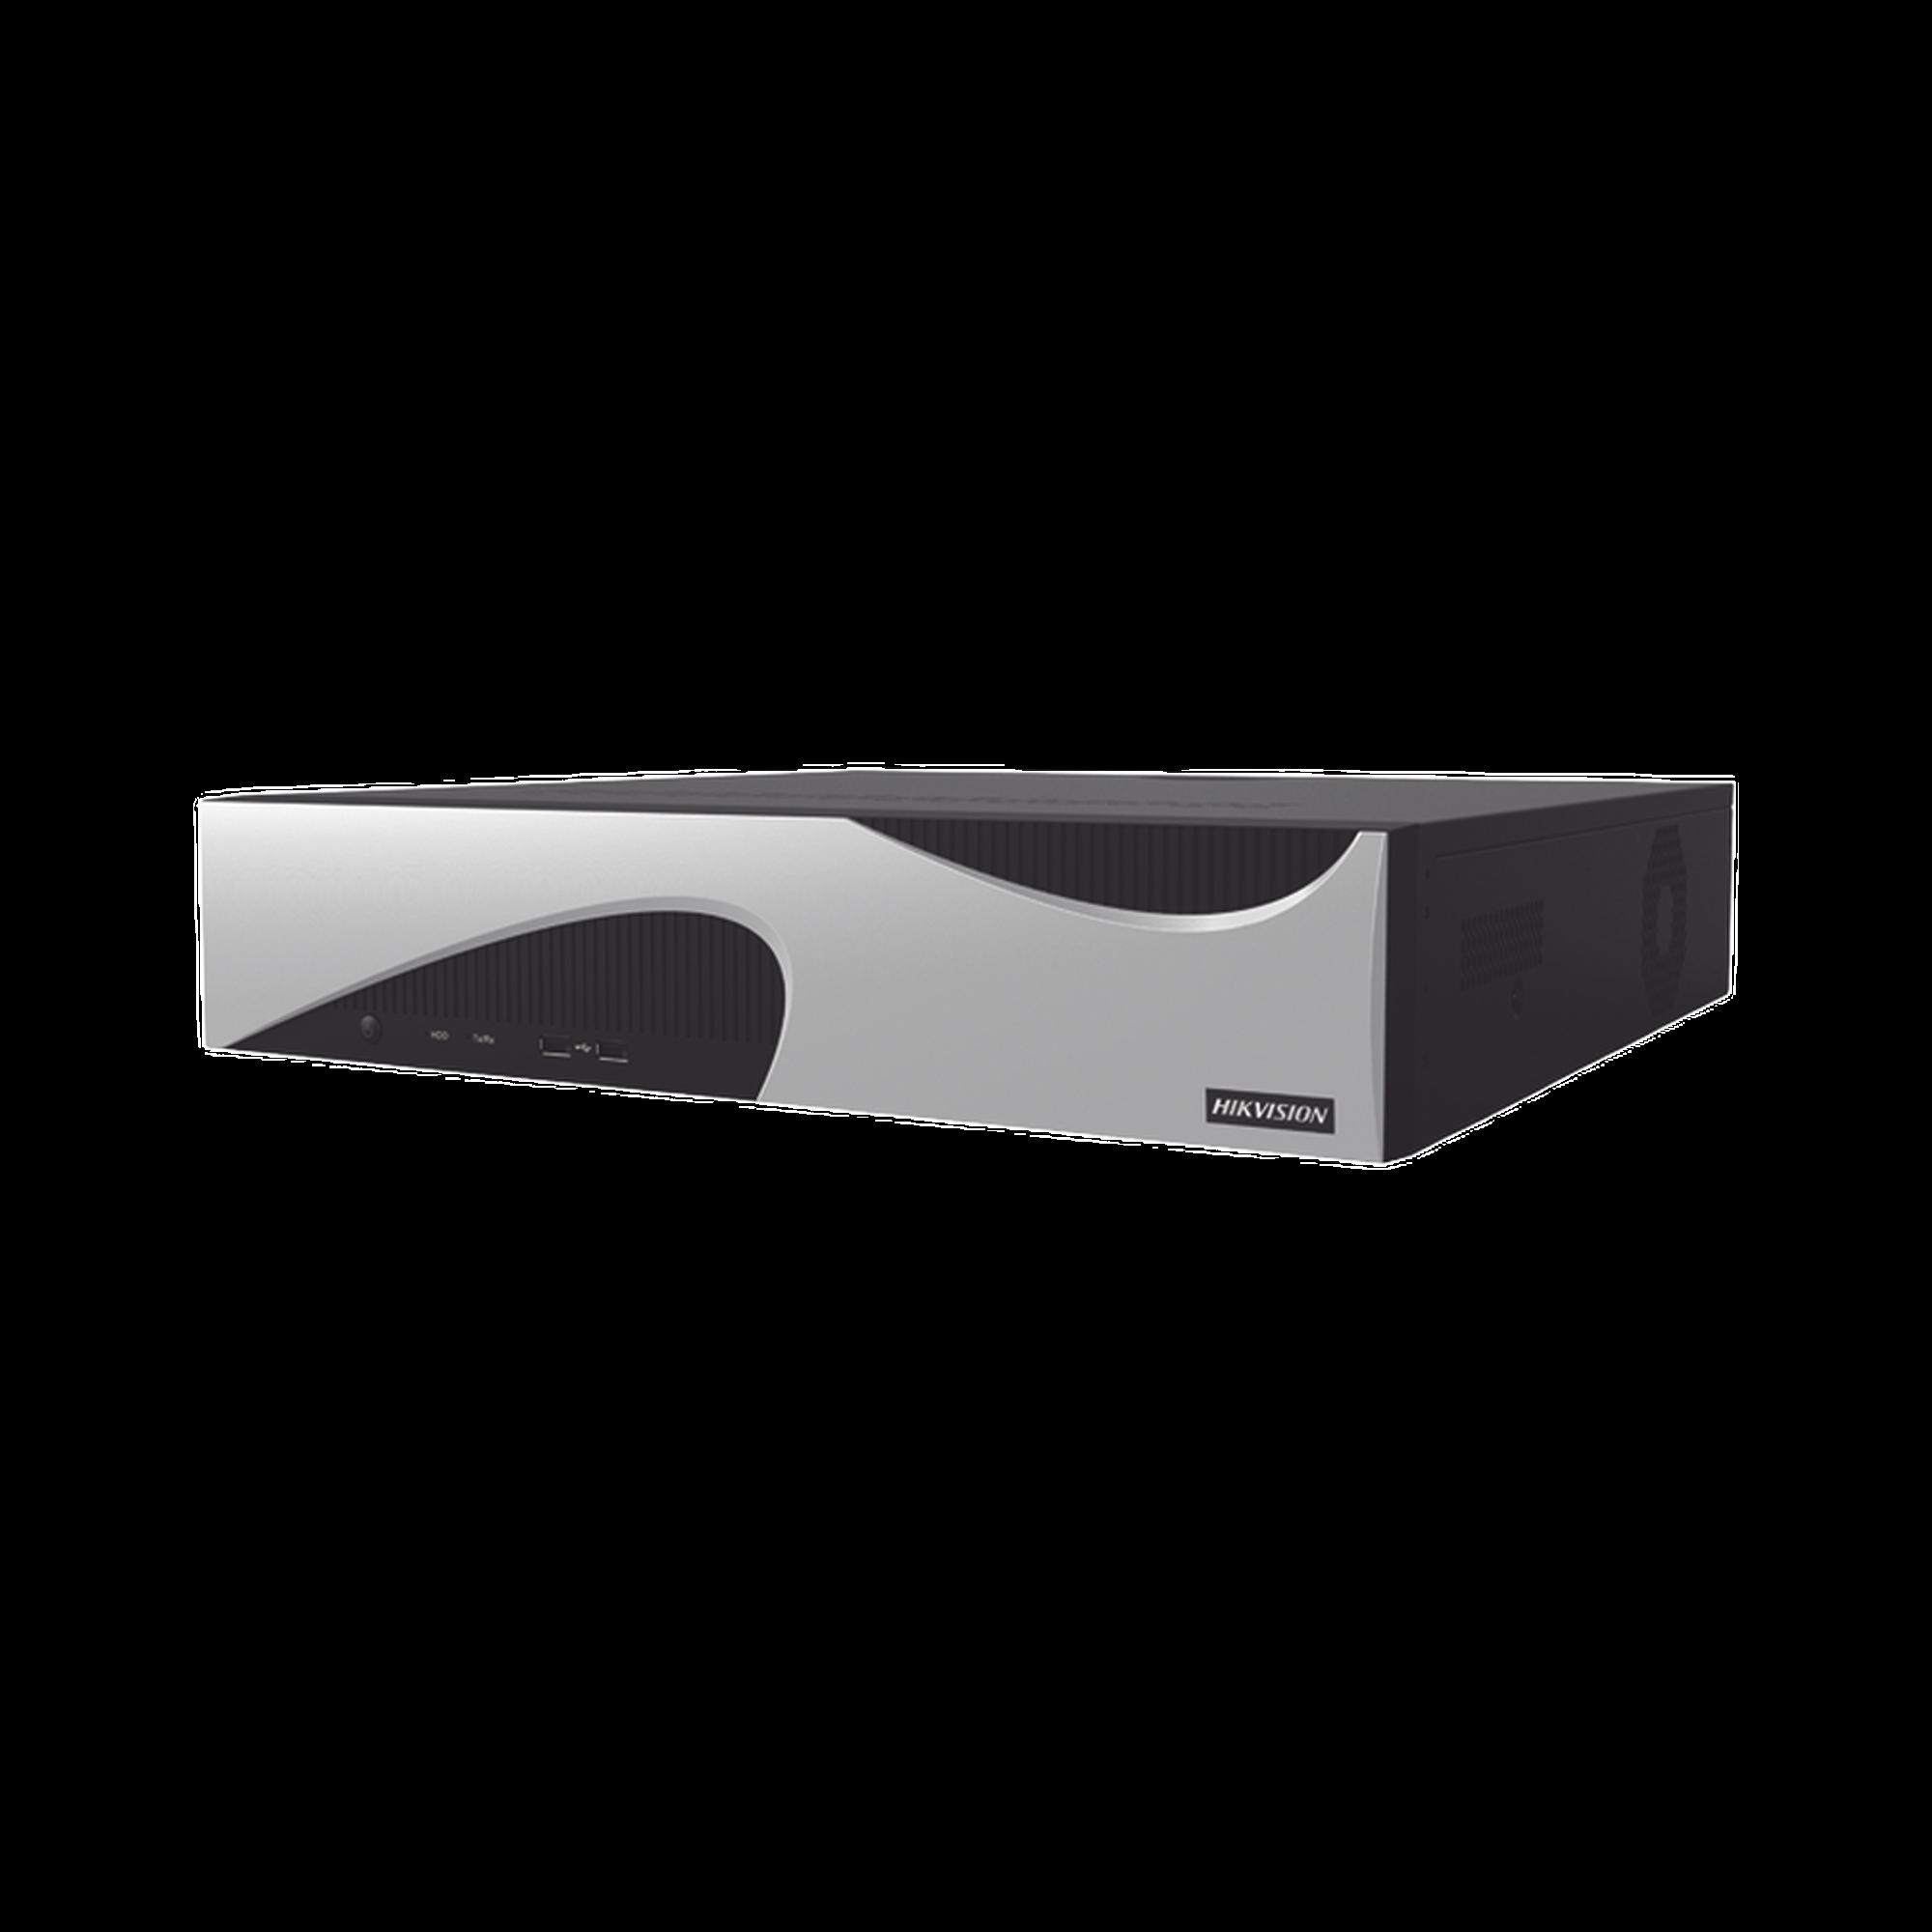 PC Estación de Trabajo para Monitoreo / 64 Bits / Celeron / 4 GB RAM  / Salida de Video en 4K / Compatible con WINDOWS / Diseño Compacto